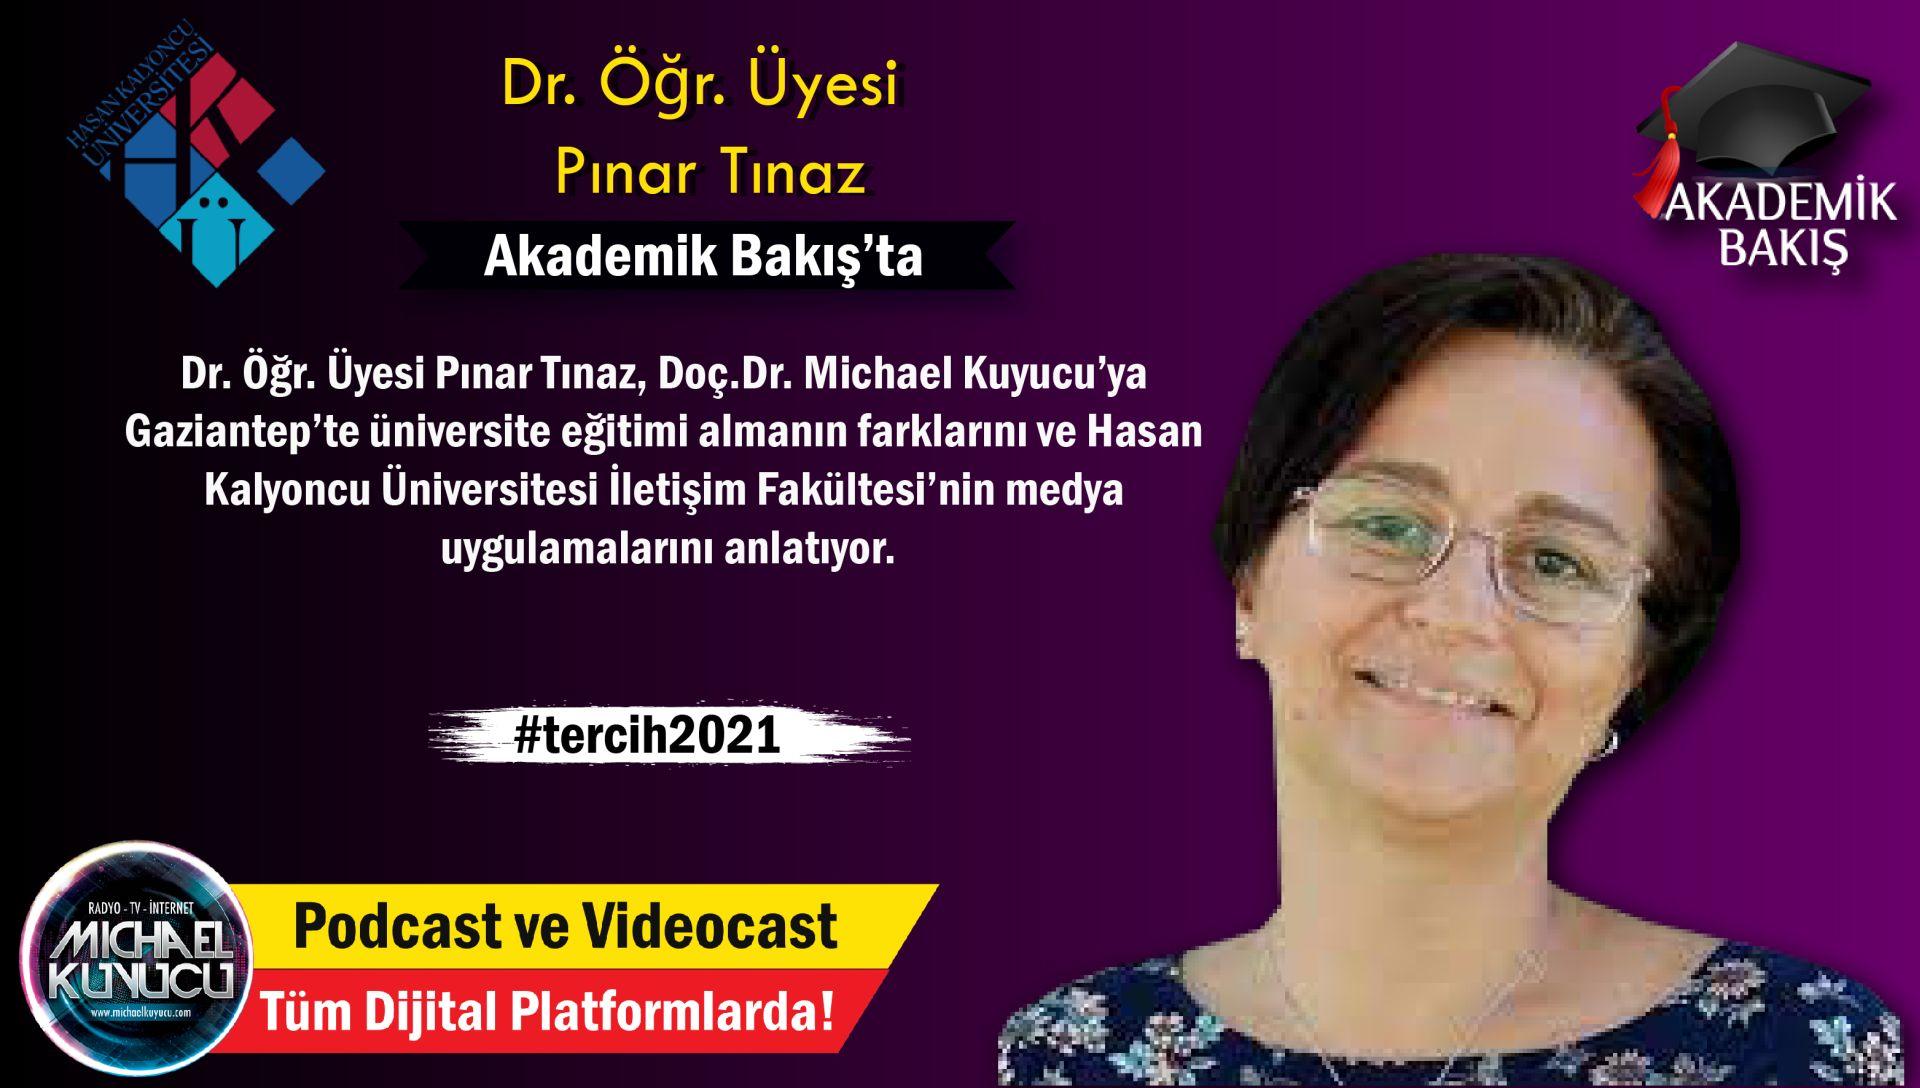 Dr. Pınar Tınaz:  Öğrencilerin Kampüsümüzde Hem Eğitim Almaları Hem de Gençliklerini Yaşamaları Mümkün